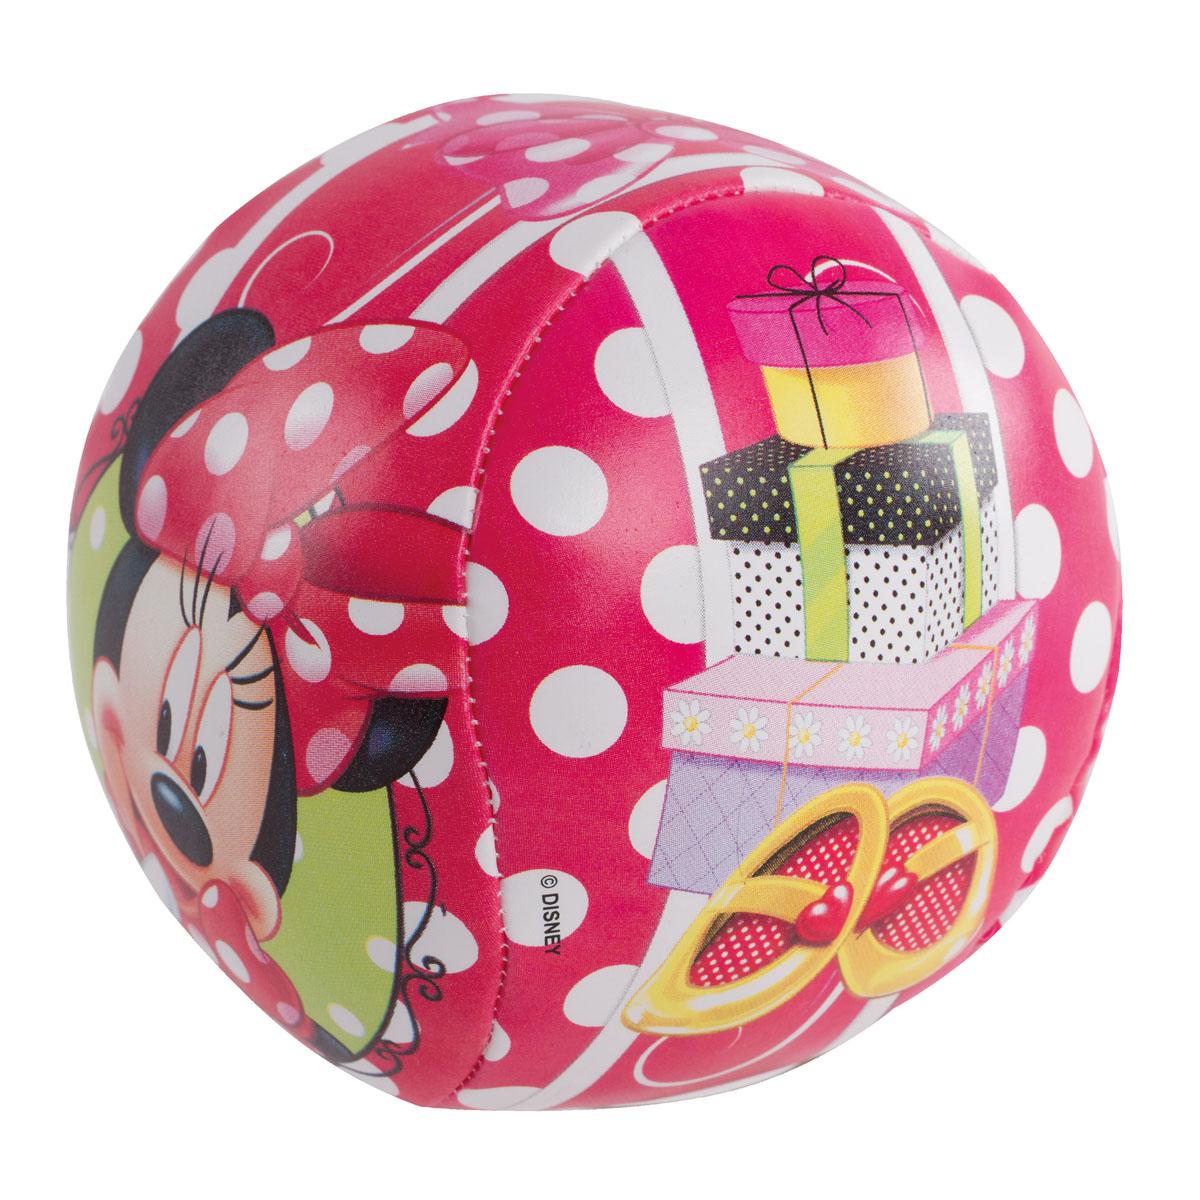 Мяч мягкий John Минни, 10 см52863WDМягкий мяч John Минни - это игрушка для детей любого возраста. Он выполнен из полиуретана с мягкой набивкой и оформлен ярким рисунком. Мягкий мяч незаменим для любителей подвижных игр и активного отдыха и абсолютно безопасен. Игры с мячом развивают координацию движений, способствуют физическому развитию ребенка.